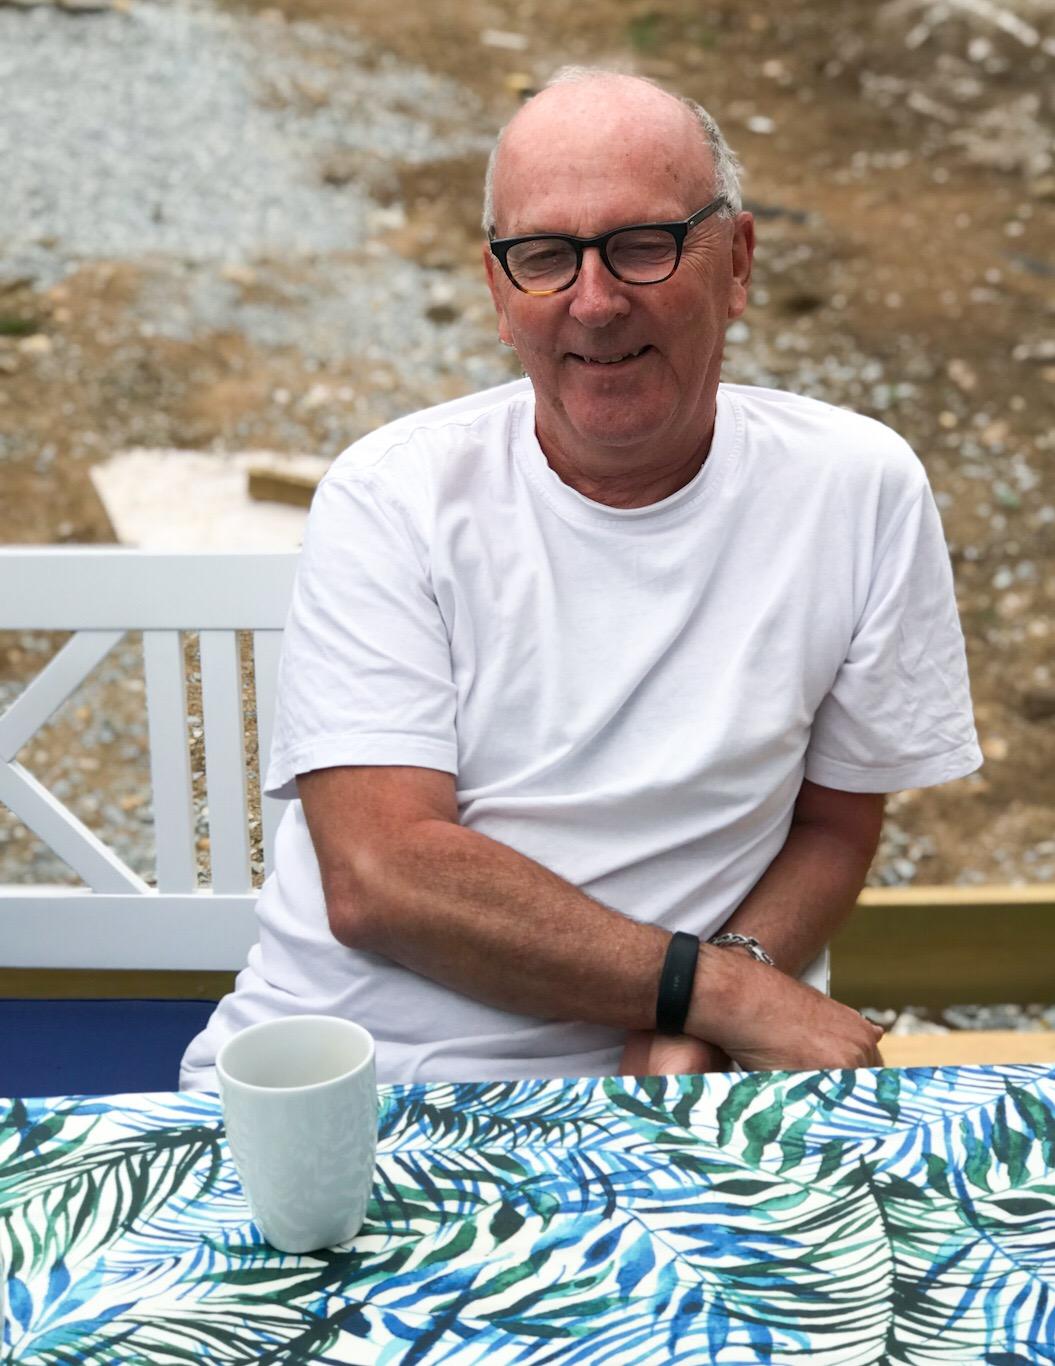 Torgil Otterdahl